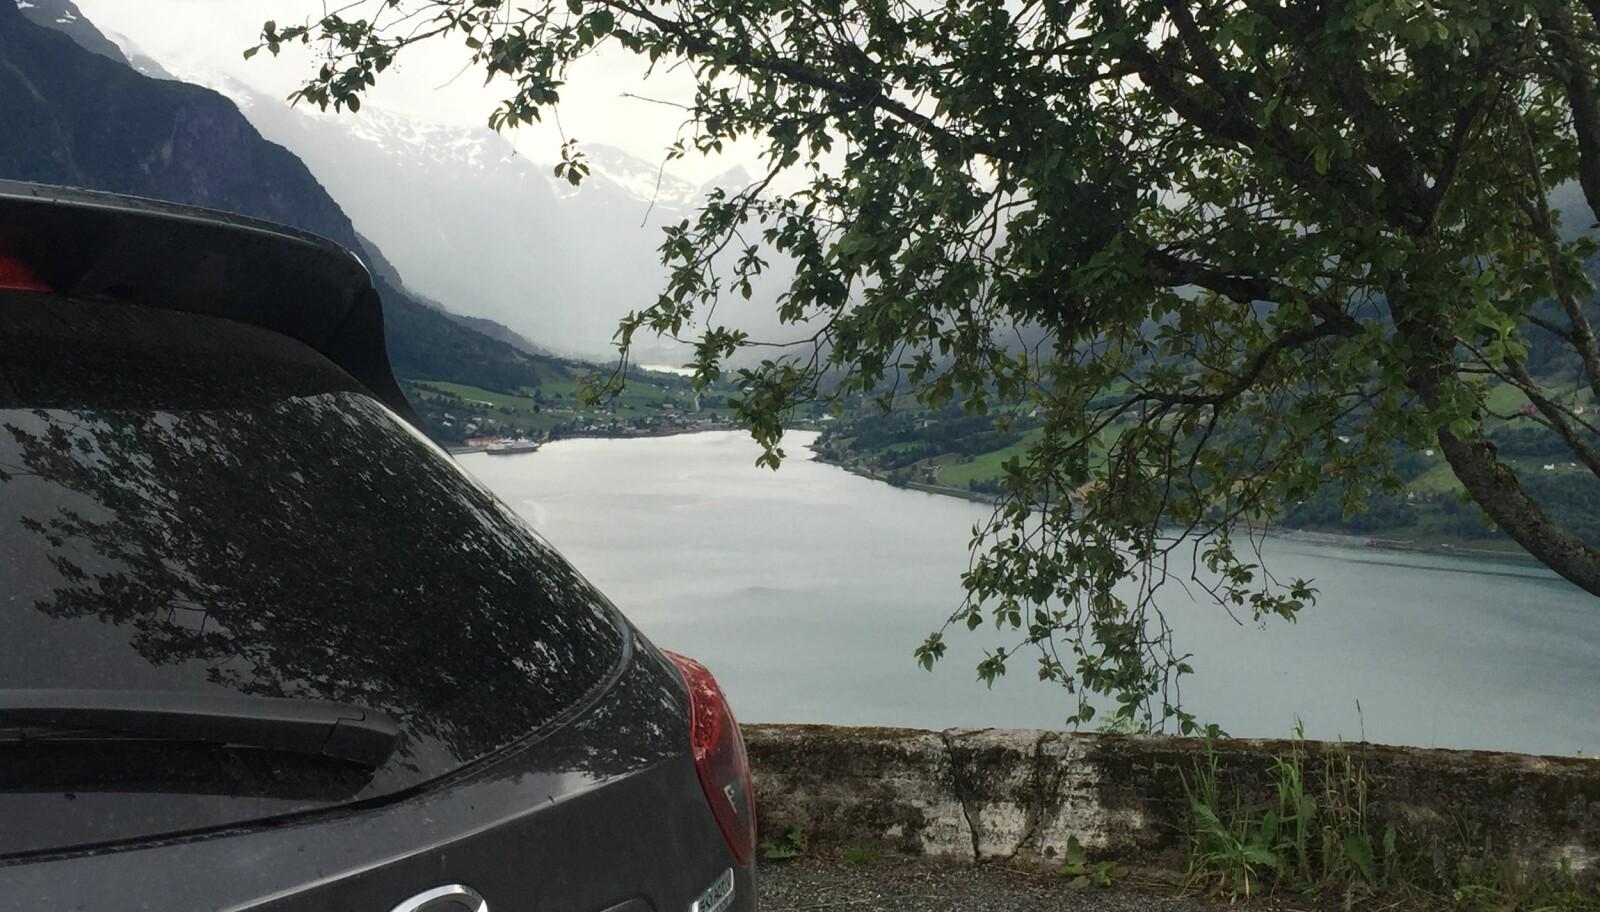 <b>BILFERIE I NORGE:</b> Husk at om du er på bilferie i Norge, så gjelder mange av de samme tipsene som for bilferie i Europa. Du bør for eksempel ha reiseforsikring for hele husstanden.